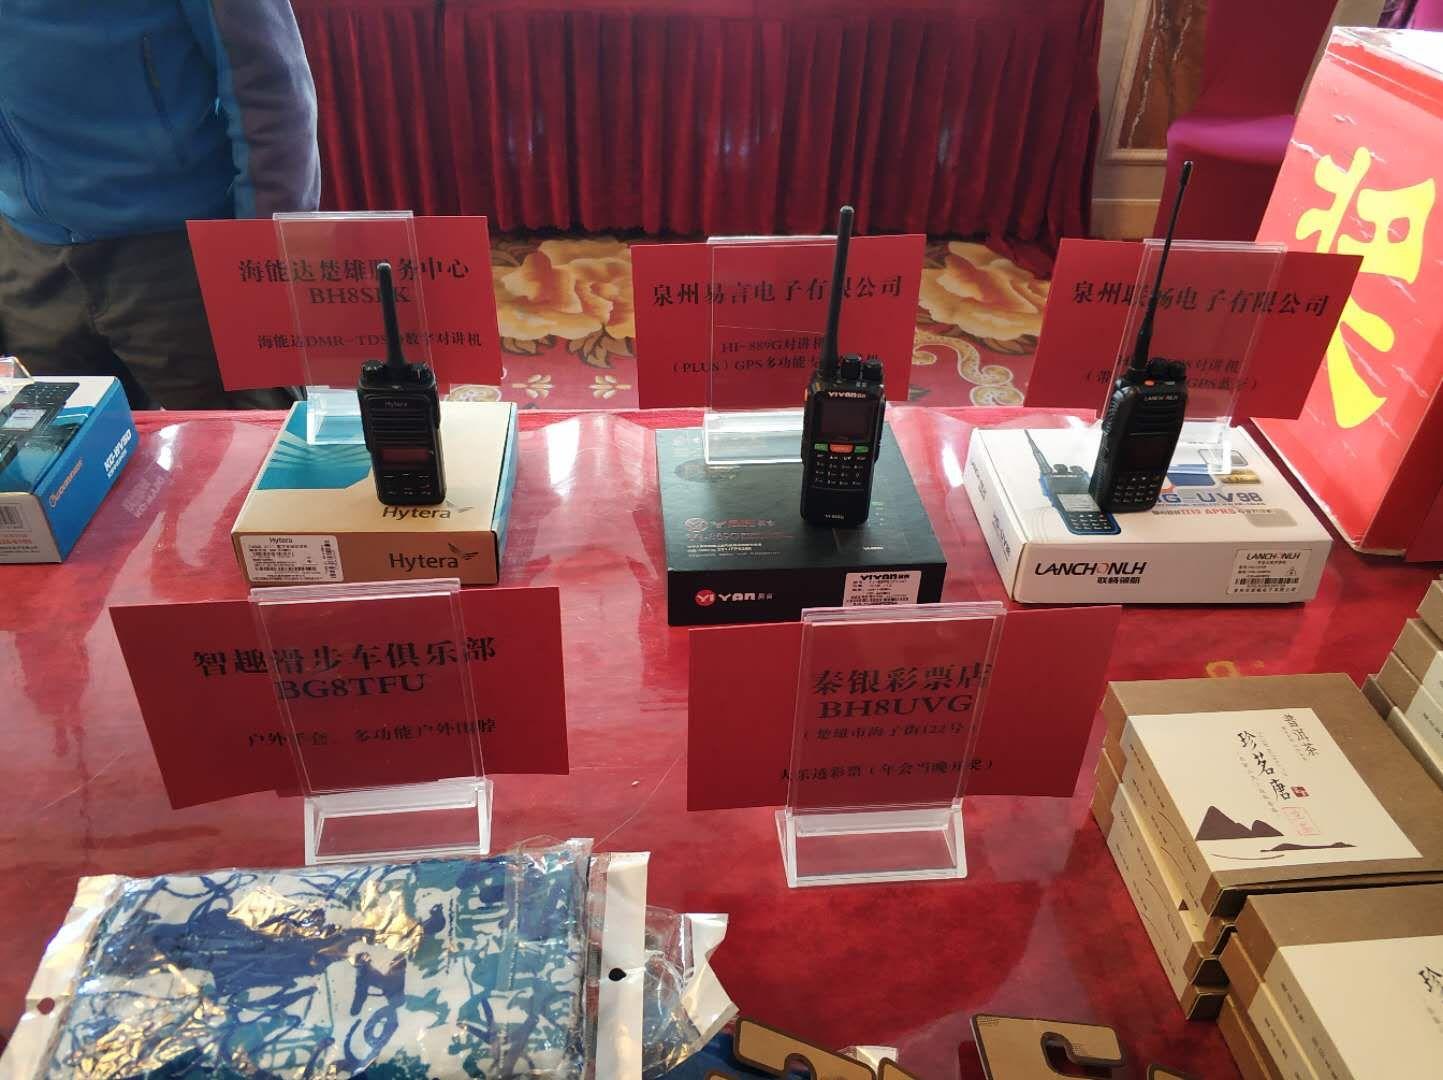 楚雄州业余无线电协会2018年会暨会员大会顺利召开